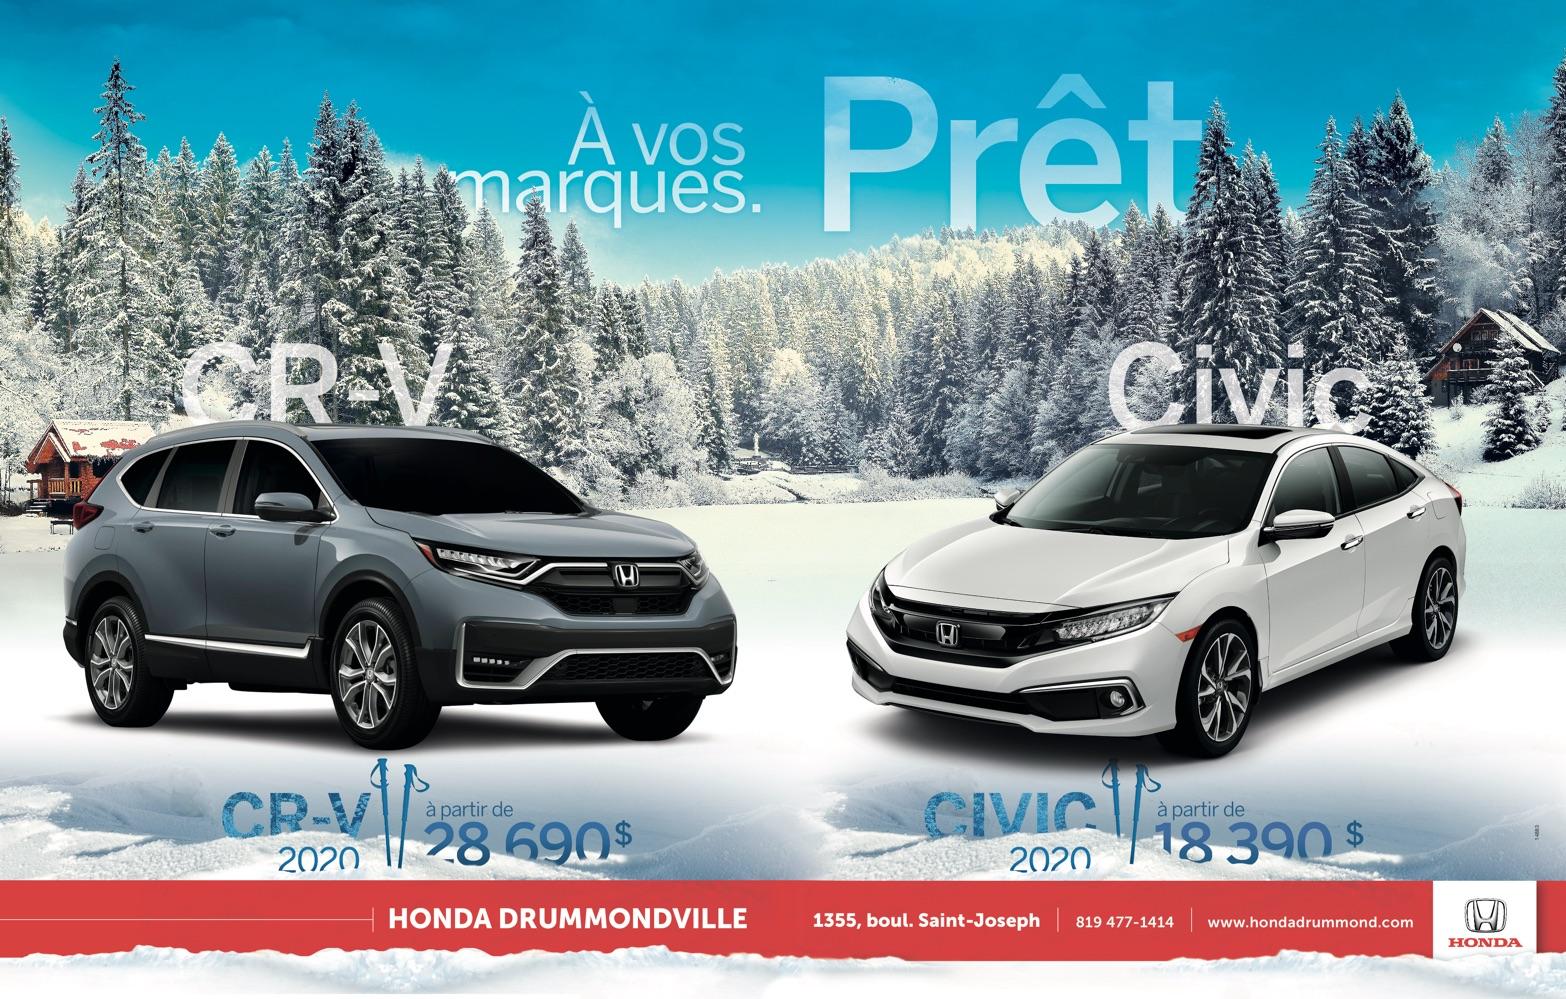 CR-V / Civic